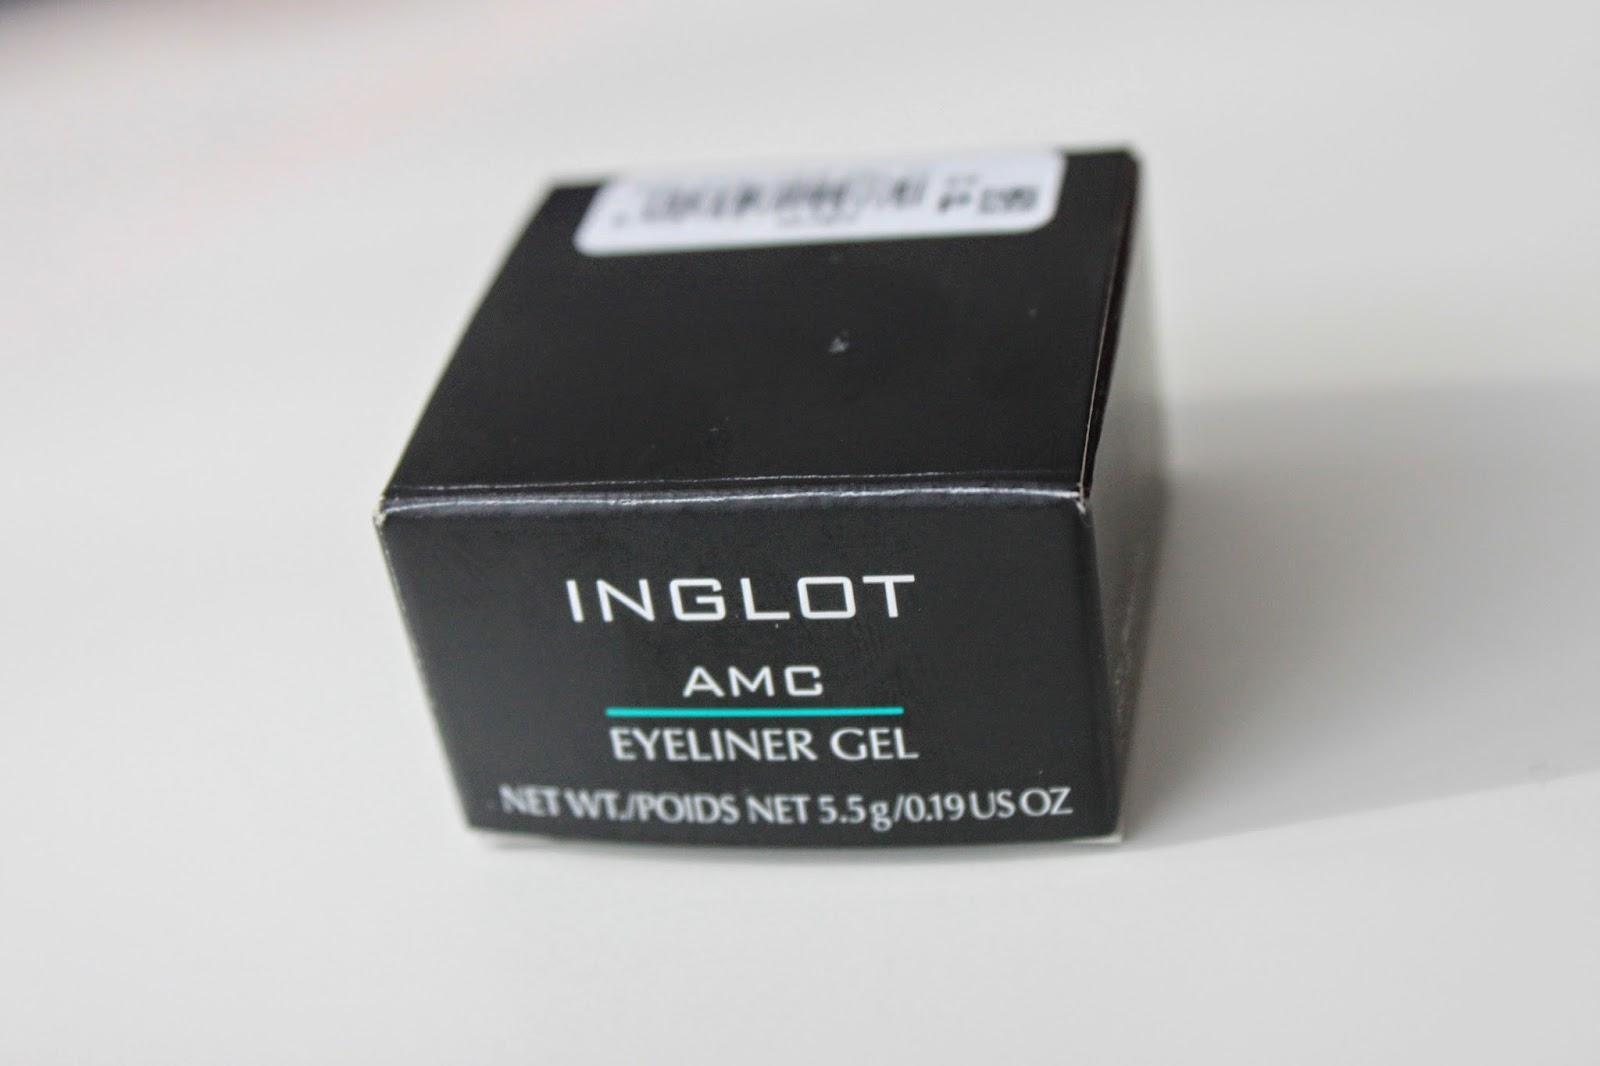 Review Inglot EyeLiner Gel